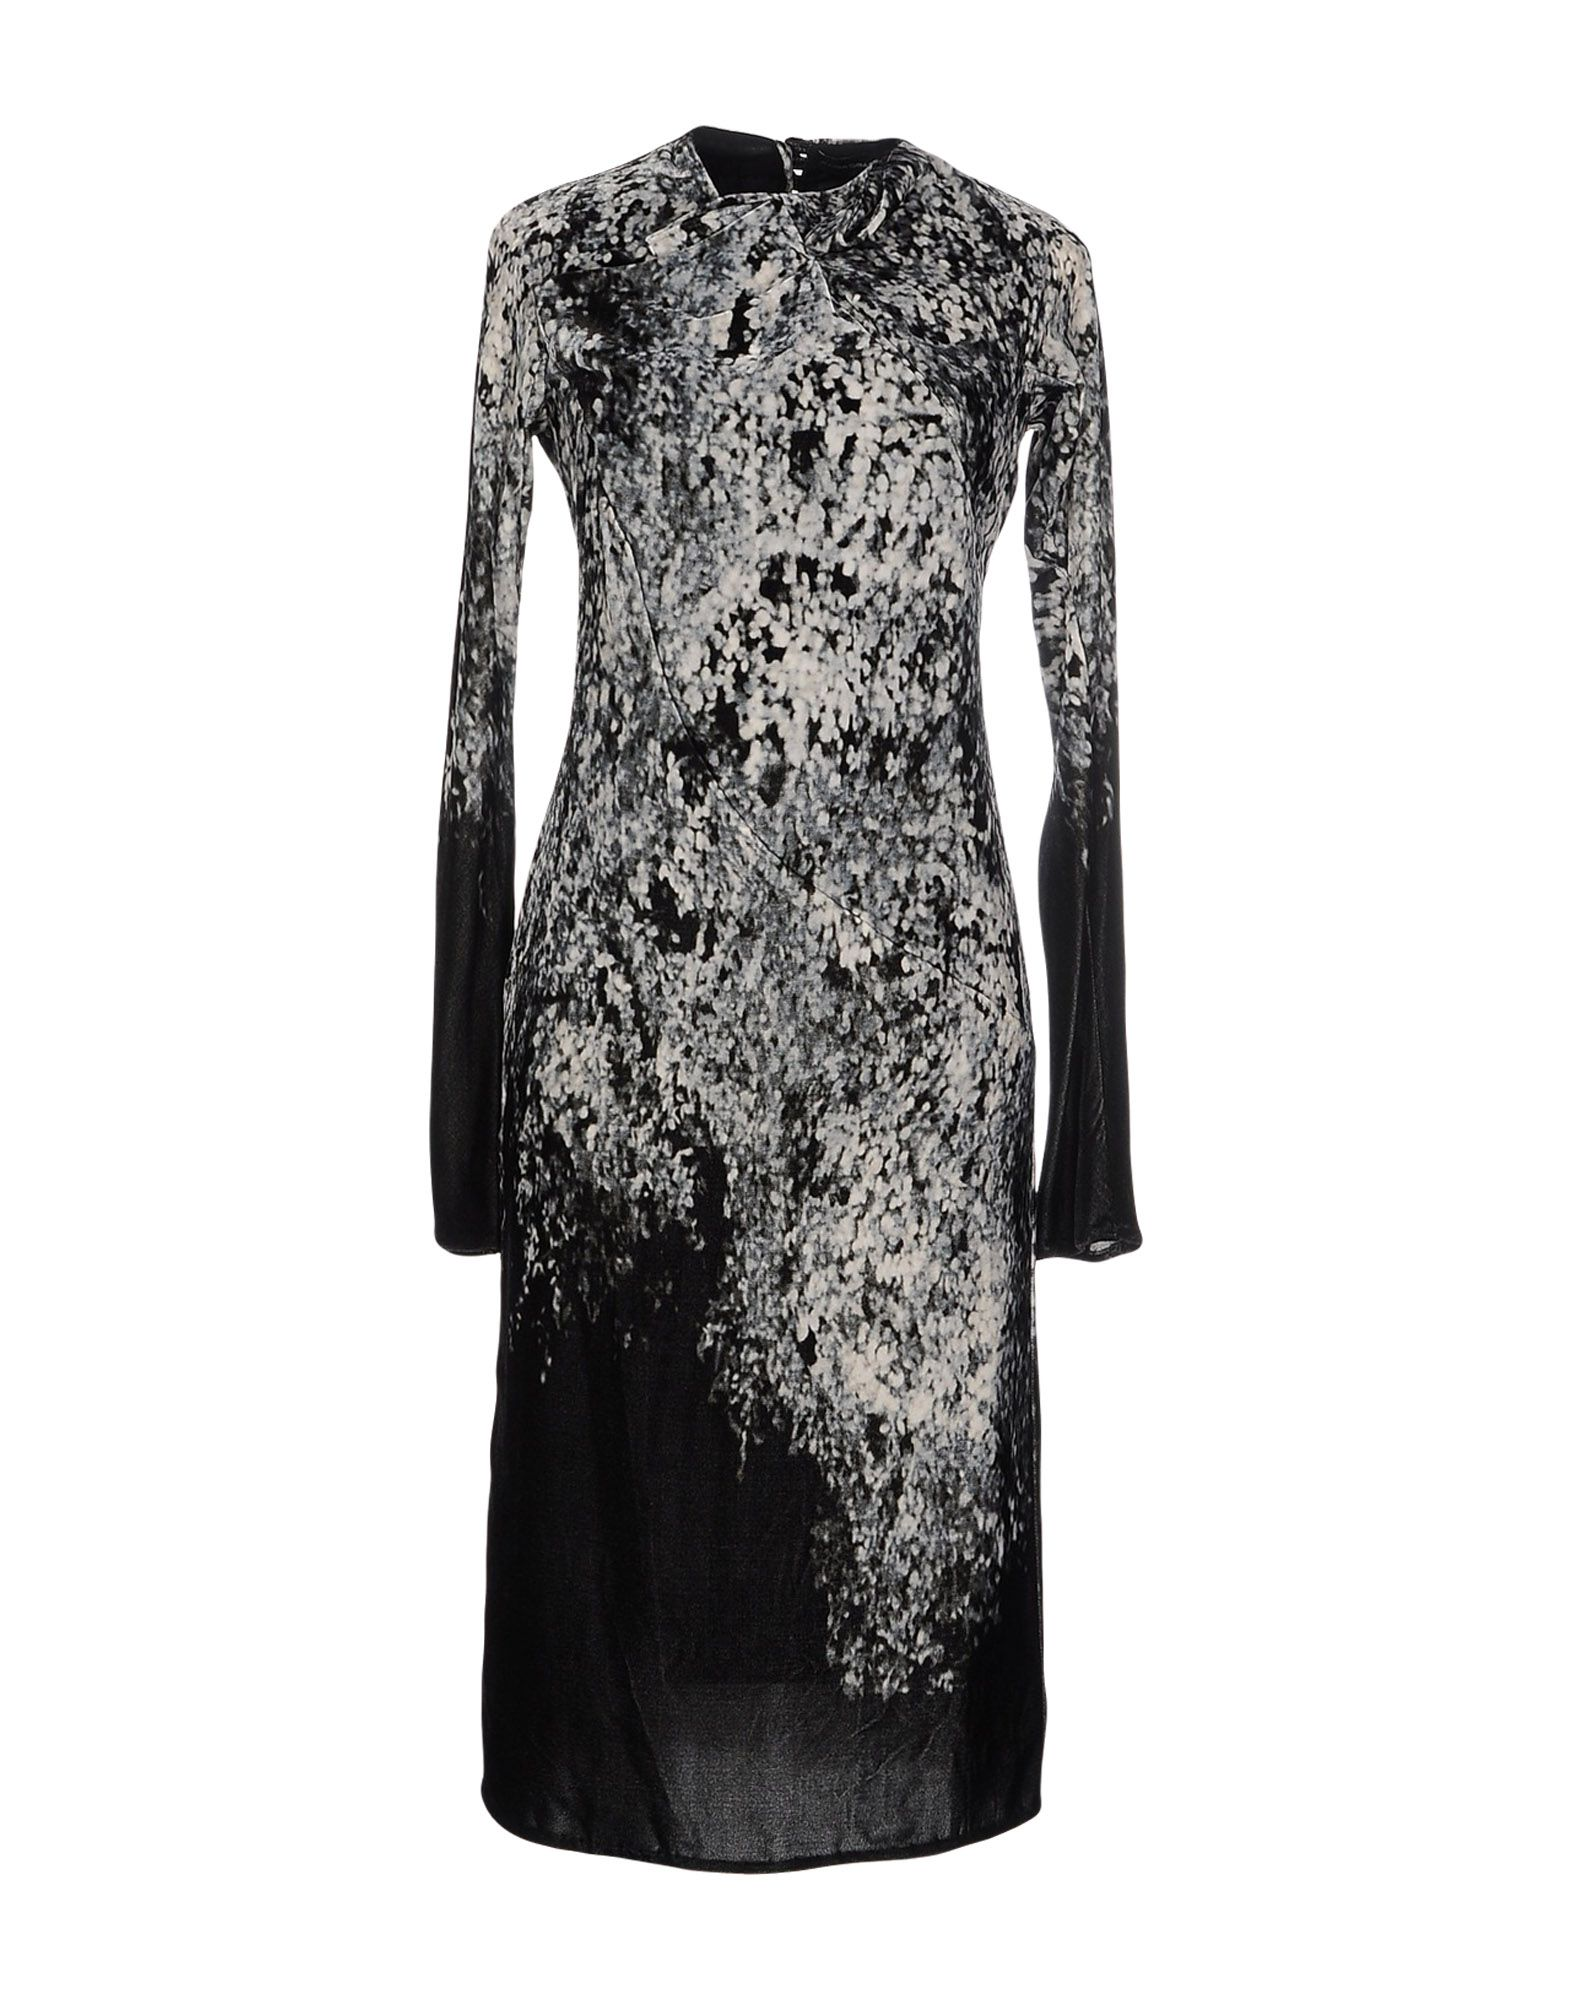 MARIA GRACHVOGEL Knee-Length Dress in Black